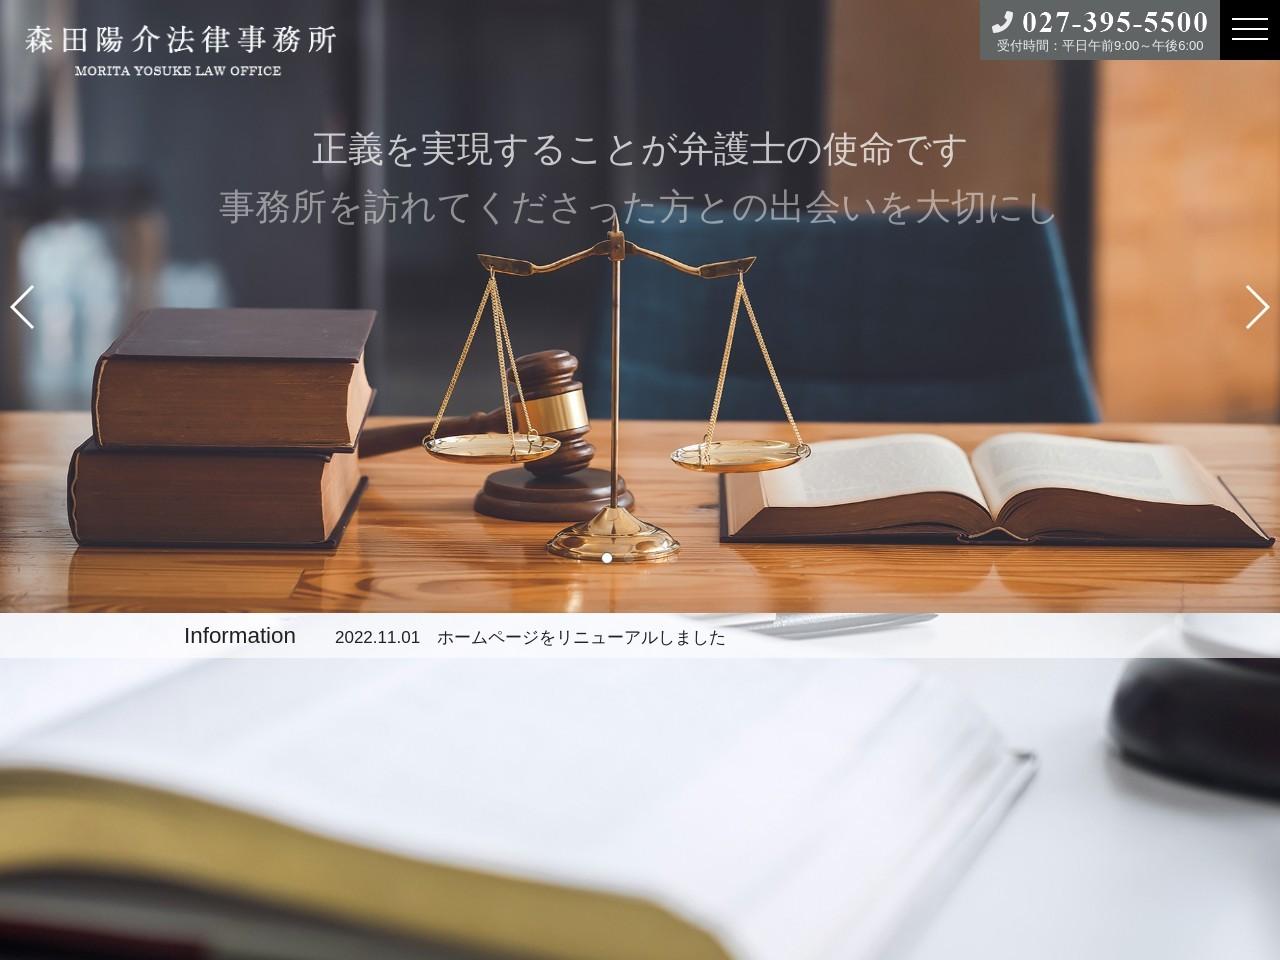 森田陽介法律事務所